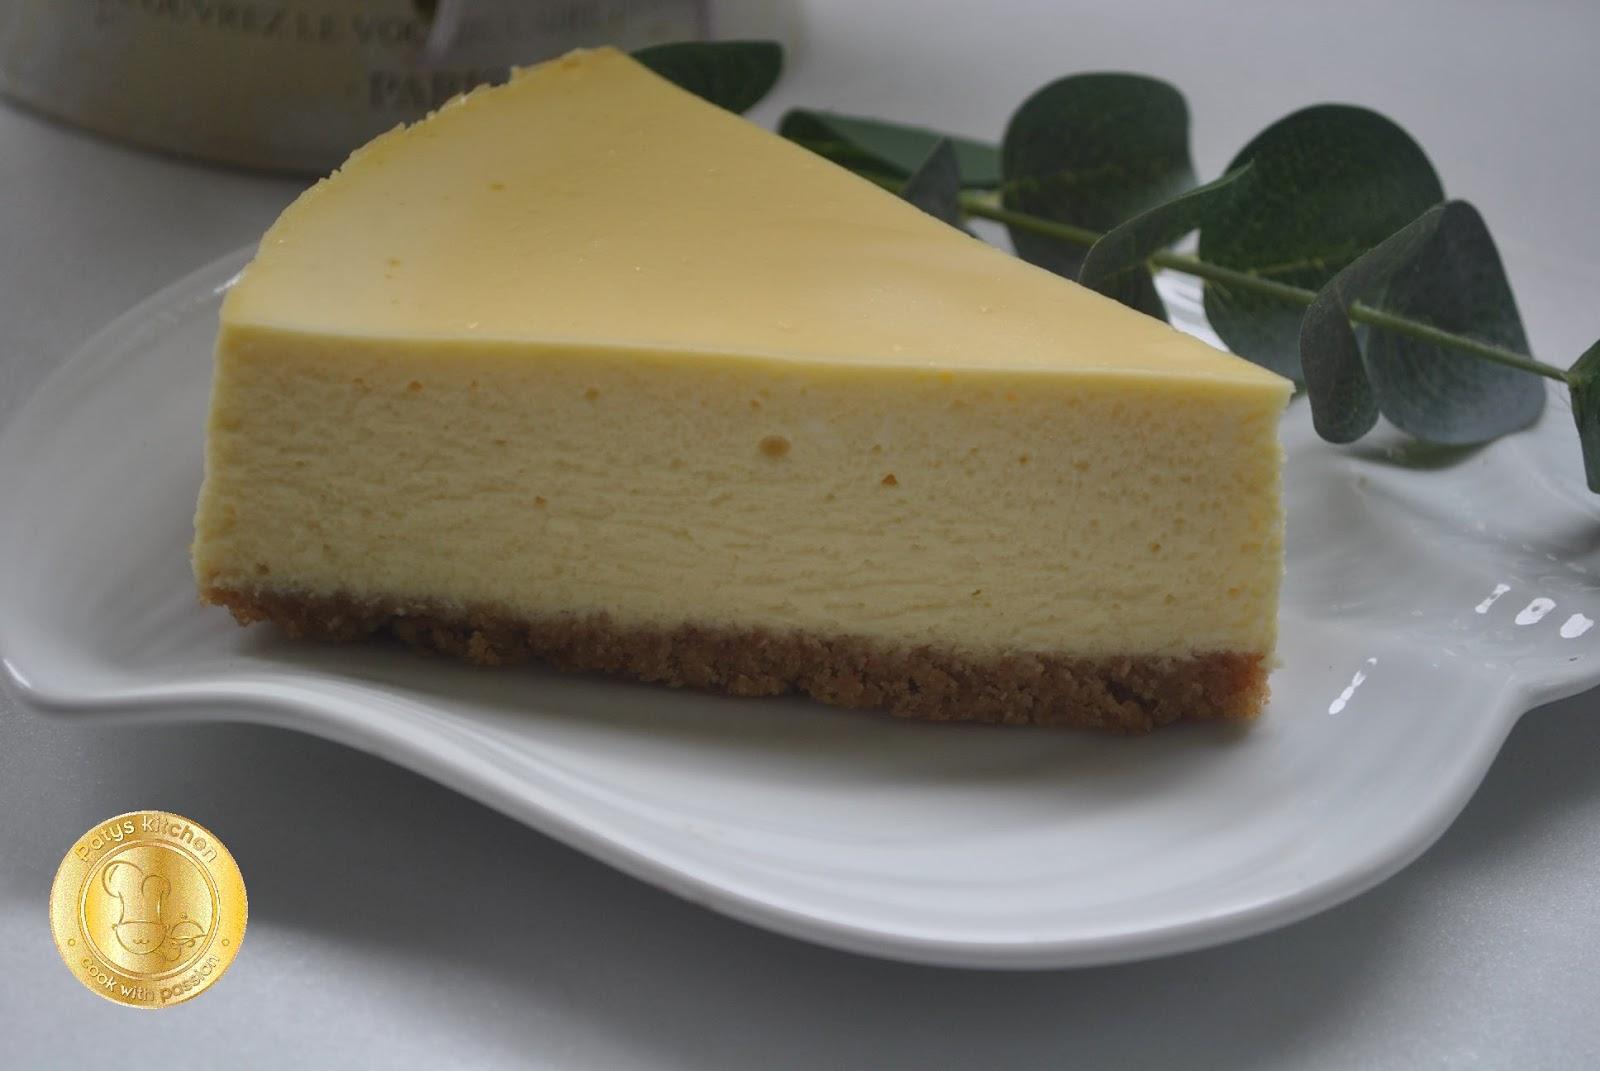 Patyskitchen The Making Of New York Cheesecake